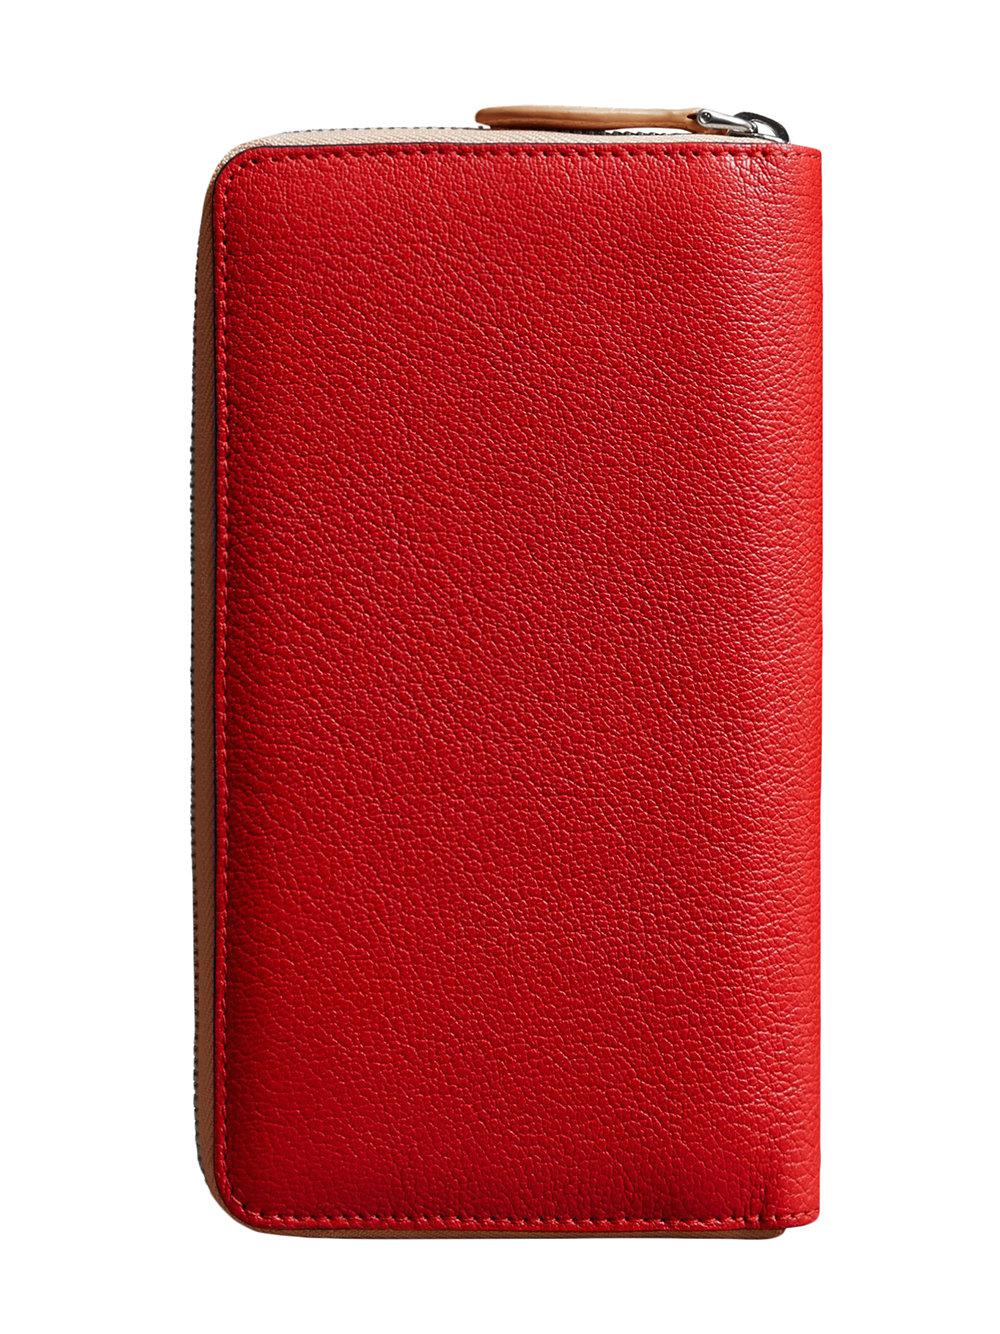 Lyst - Portefeuille zippé à intérieur contrastant Burberry pour ... 5517b54a355